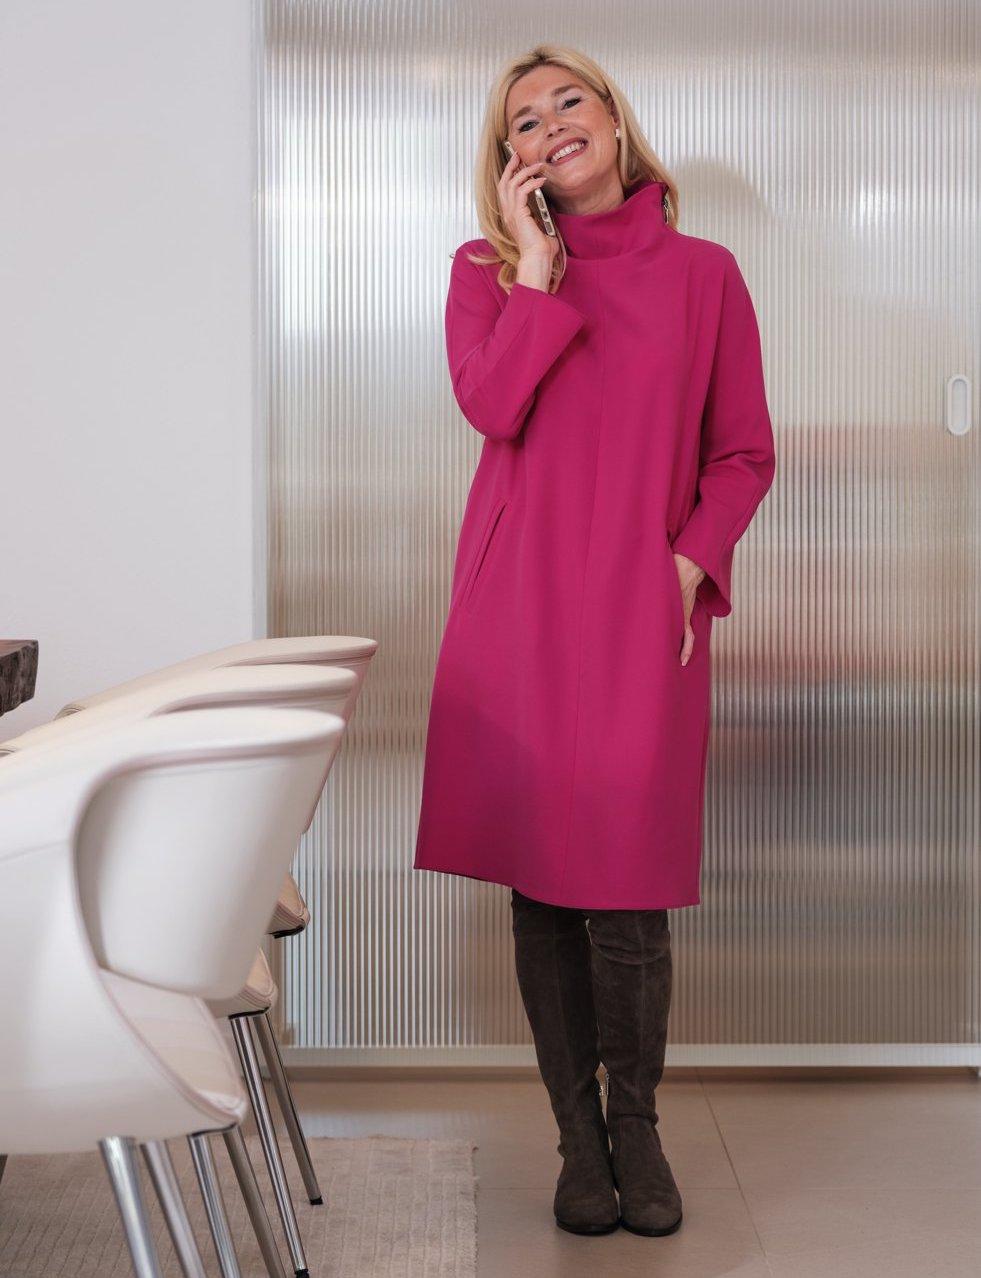 Armani Kleid pink, Kleid pink lässig, Winterkleid pink Armani, Hetkamp Mode, Hetkamp Raesfeld, Fashion-Blog, Lieblingsstil.com,